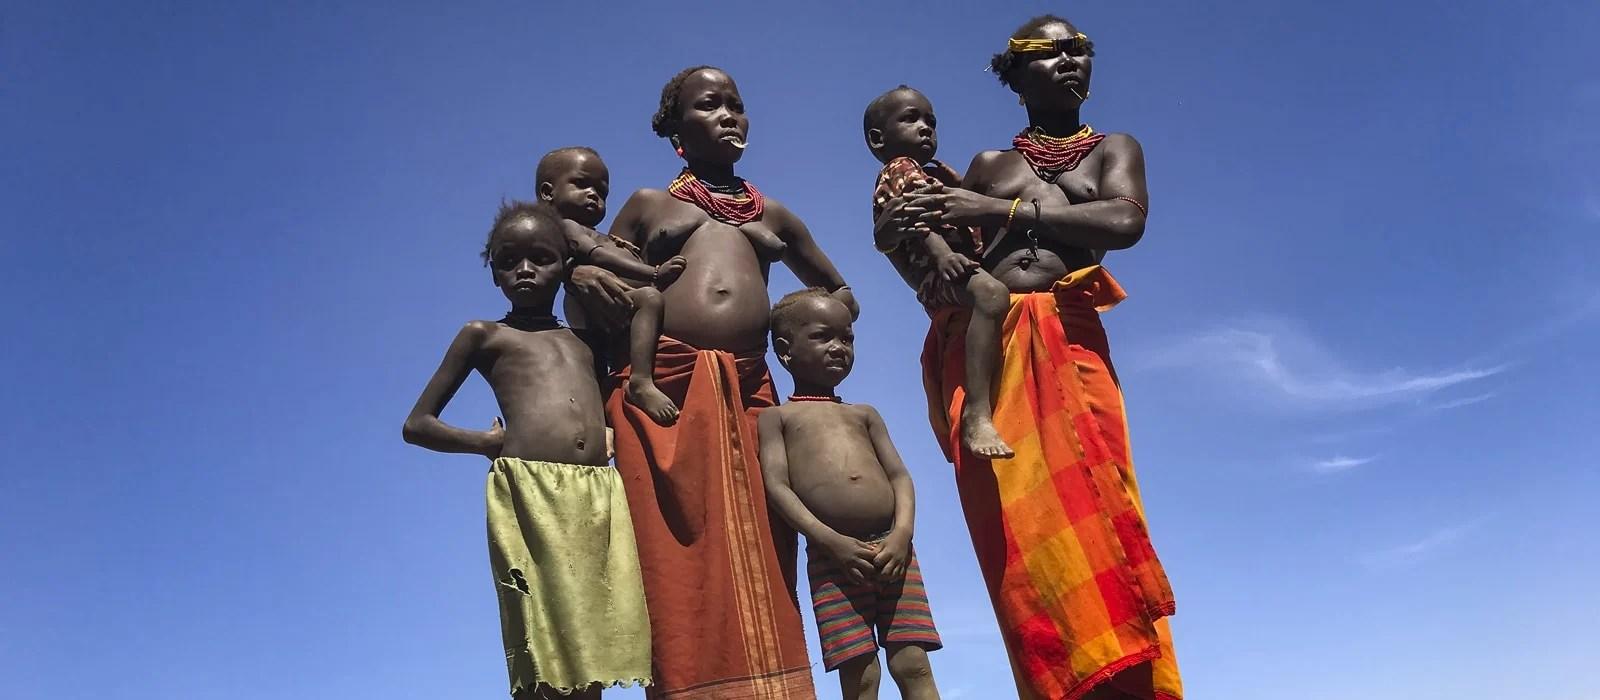 img-diapo-entete - Ethiopie-1600x700-21.jpg